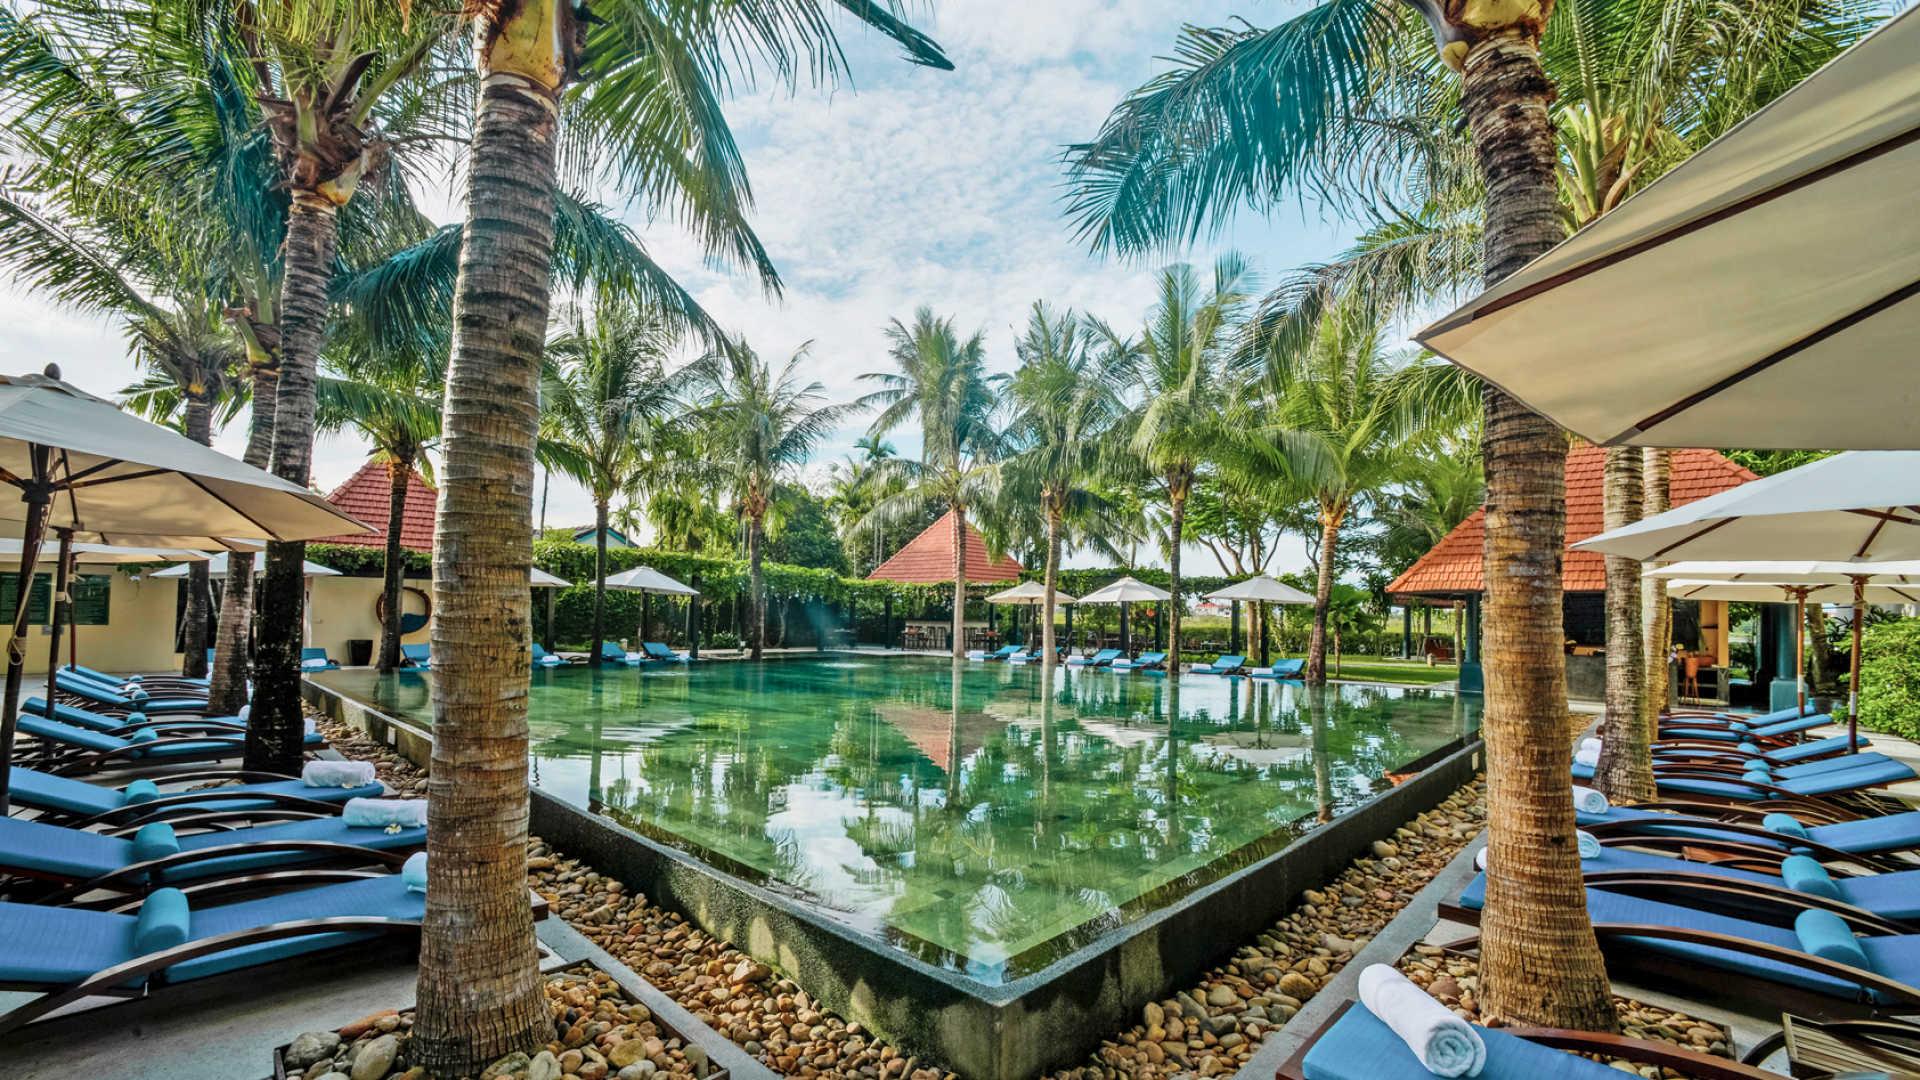 Resort phản ánh đậm nét văn hóa của Hội An. Hình: Sưu tầm